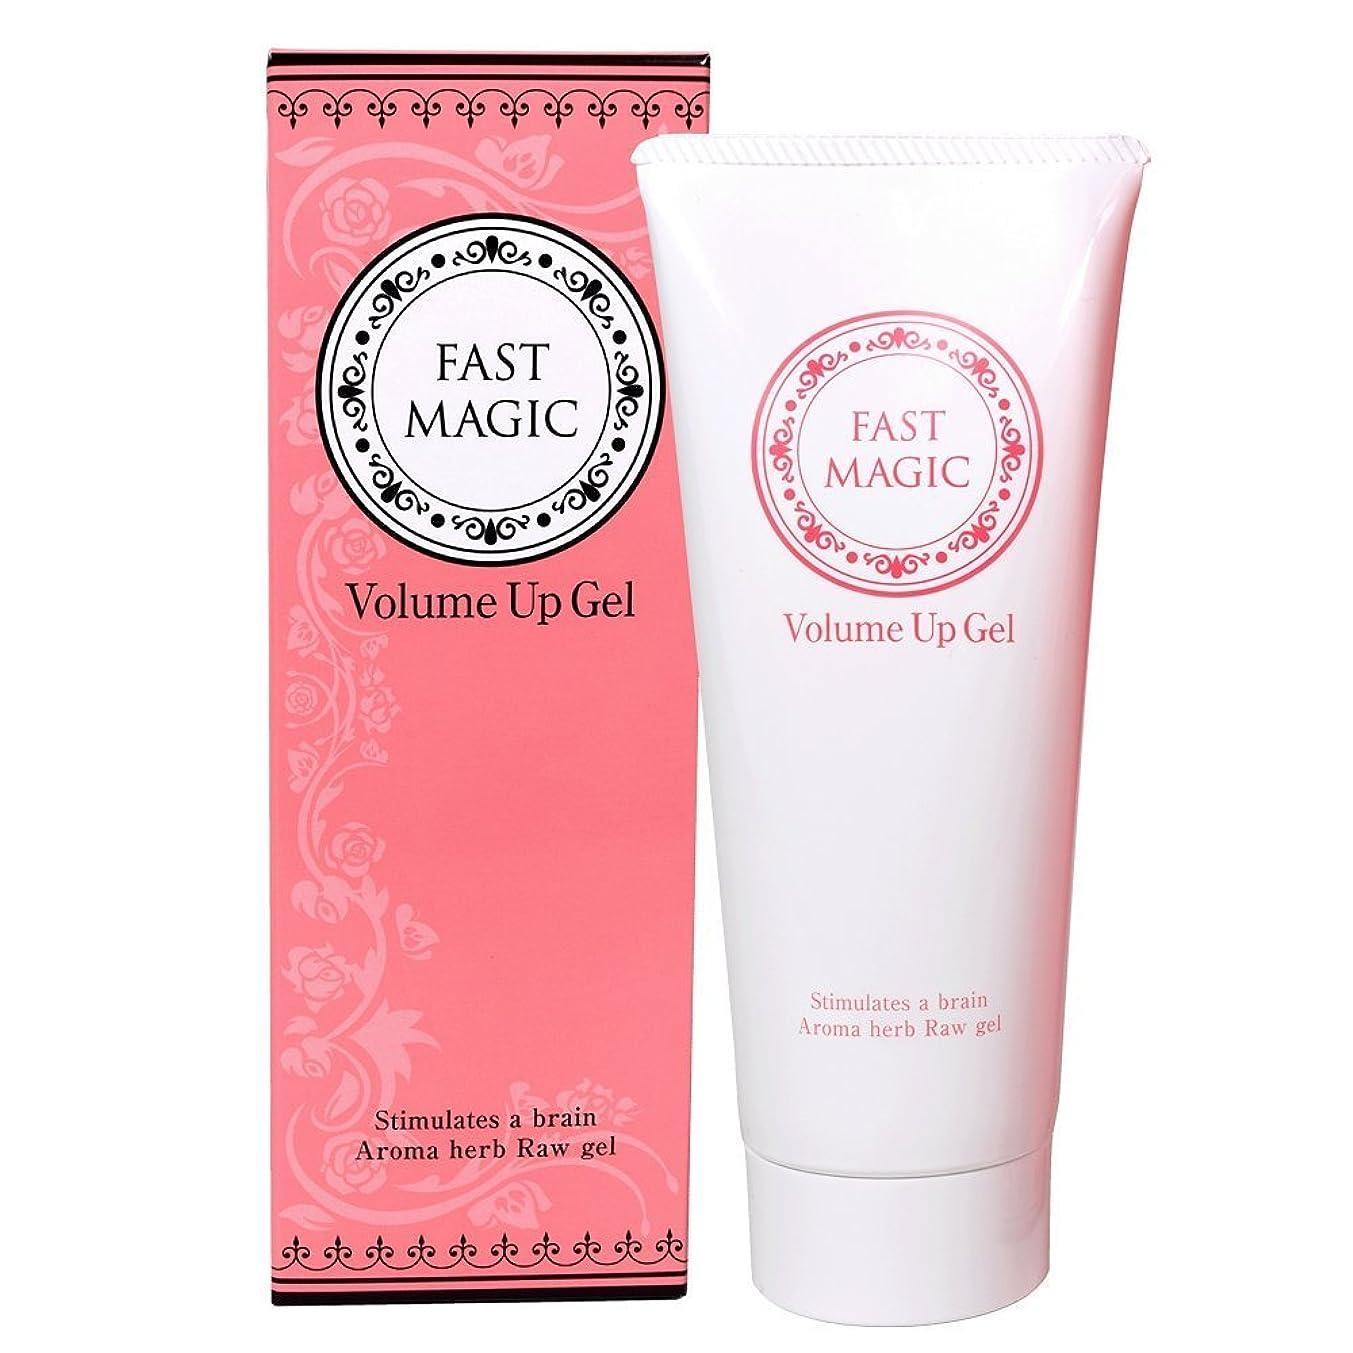 初期のラケットあからさまファストマジックボリュームアップジェル FAST MAGIC Volume Up Gel (マッサージ方法別紙つき)